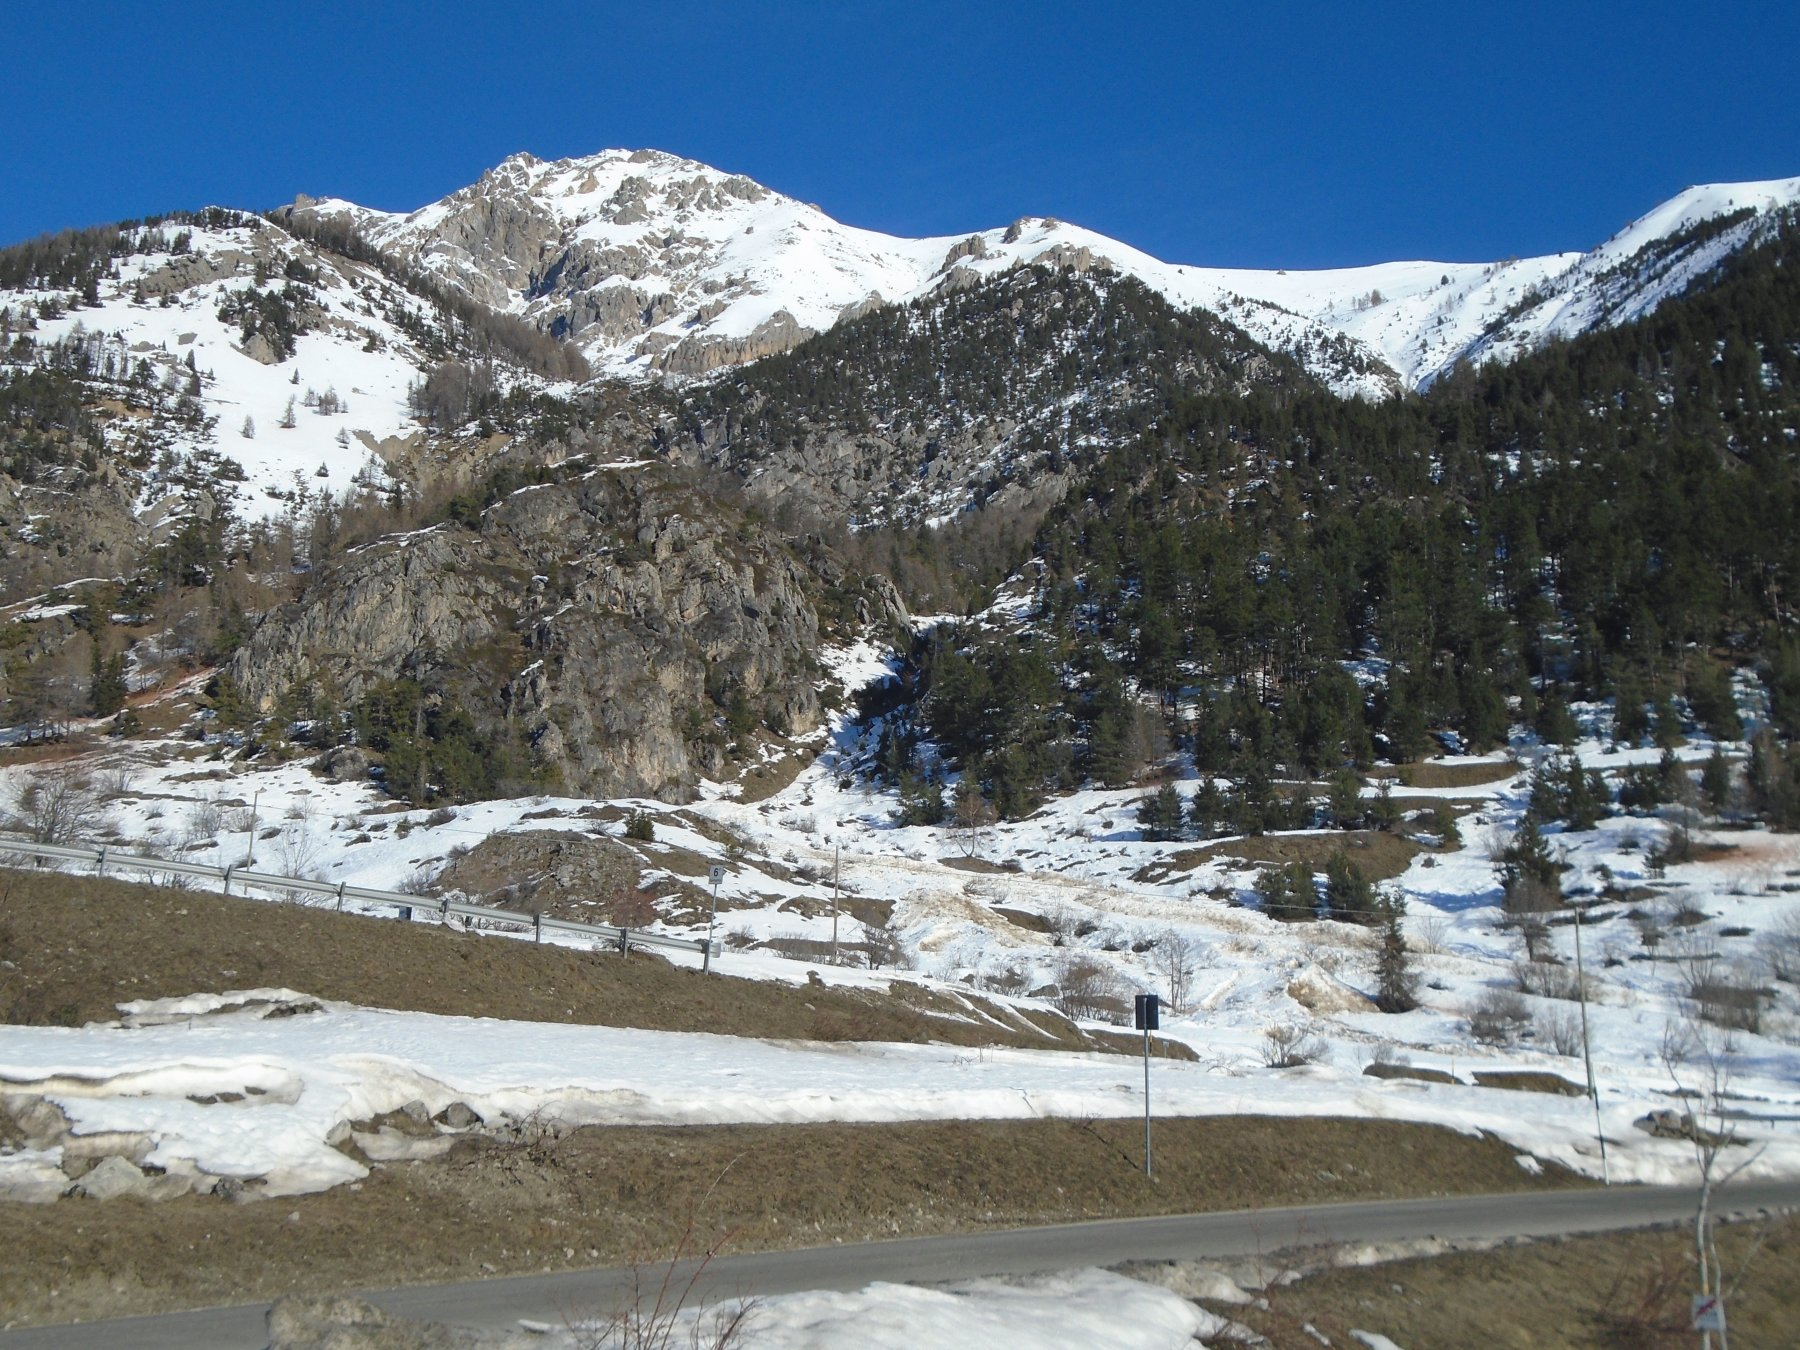 Ingresso della Valle Vicariotta visto dal posteggio